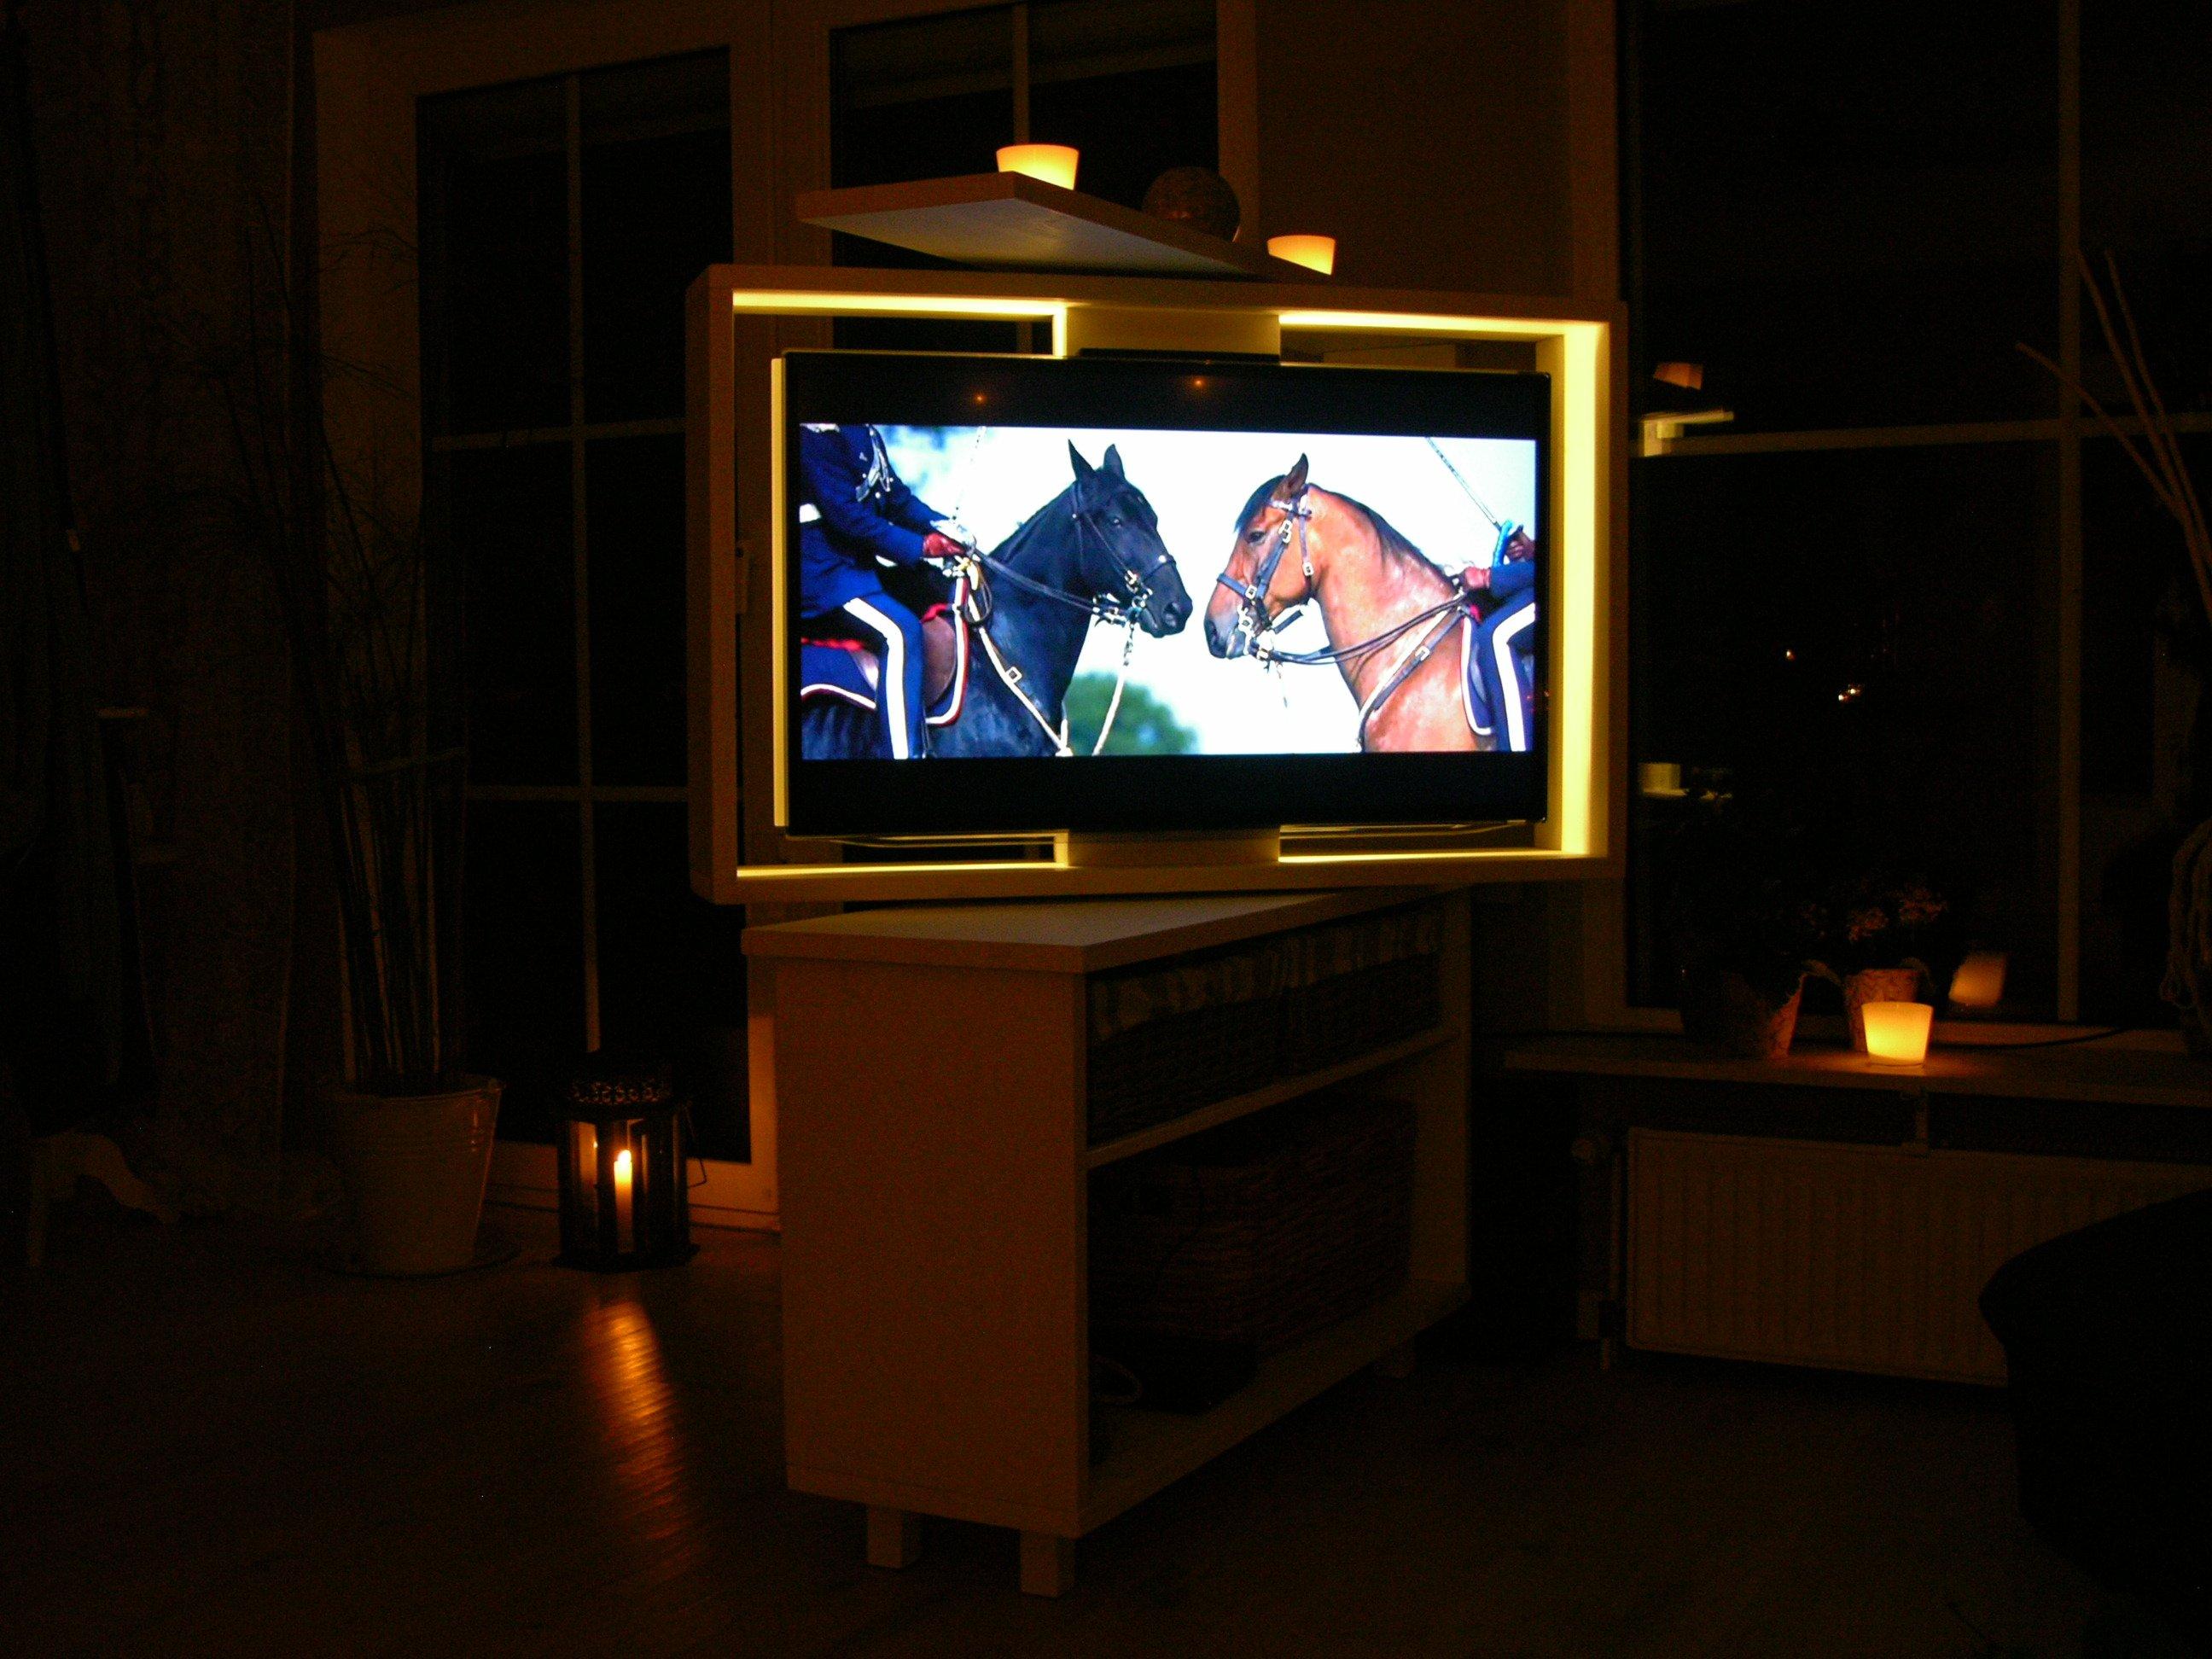 wohnzimmer home sweet home von anared 32157 zimmerschau. Black Bedroom Furniture Sets. Home Design Ideas